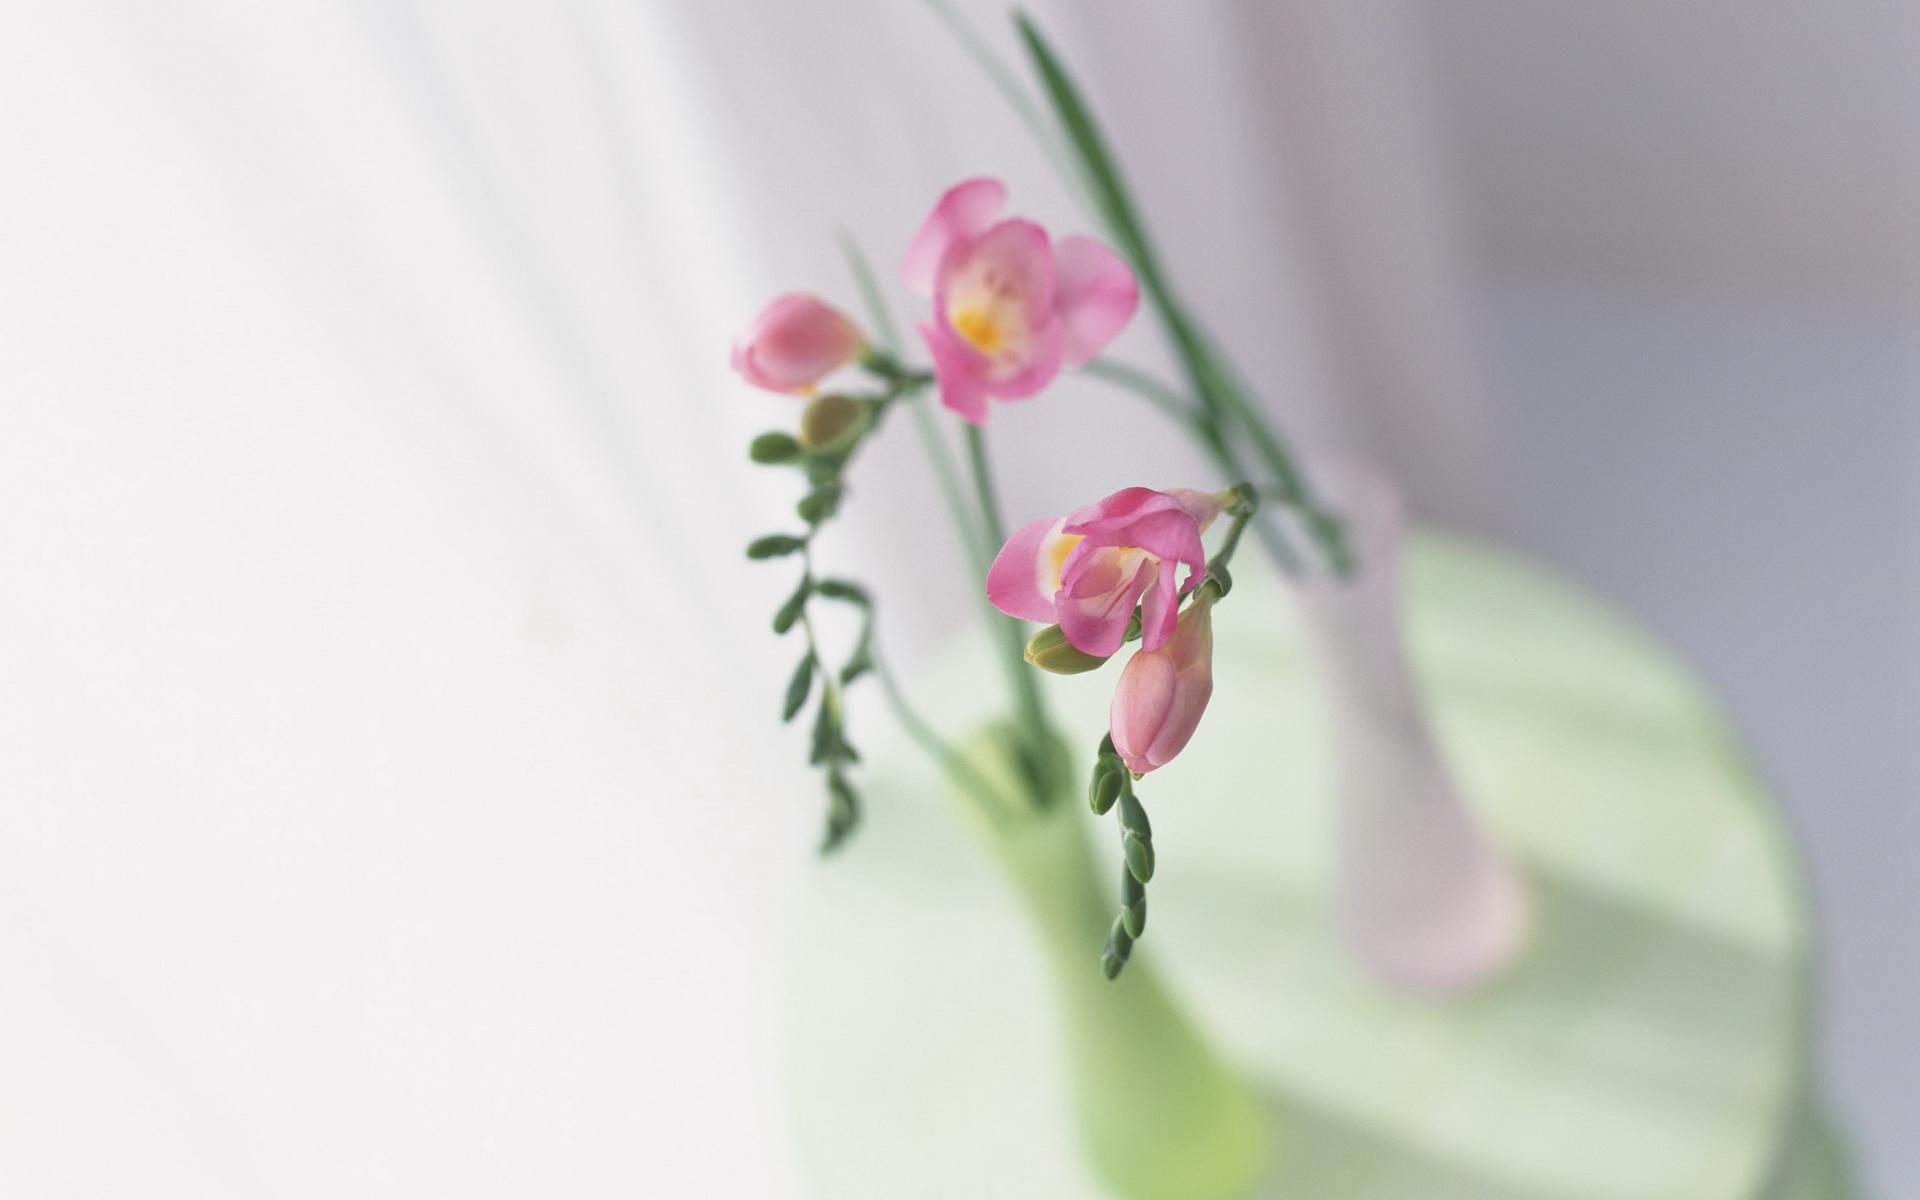 Цветы и нежность фото картинки